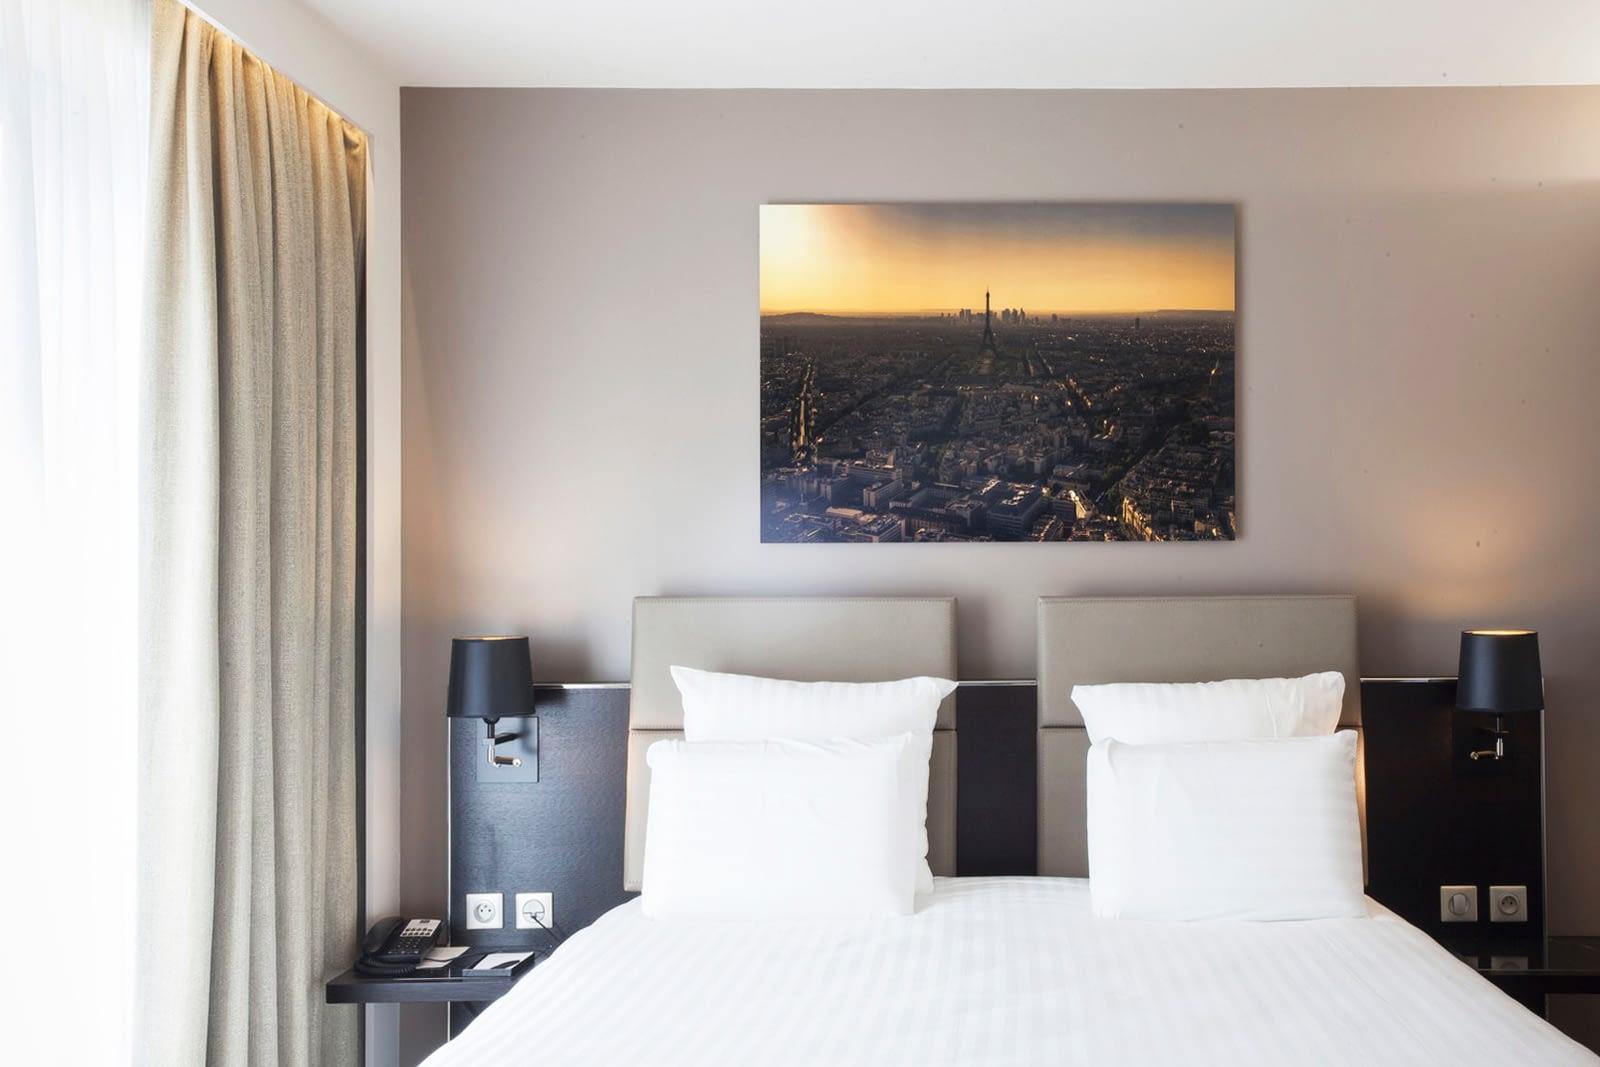 Vente et installation de photographies d'art Pixopolitan pour l'AC Hôtel Paris Porte Maillot